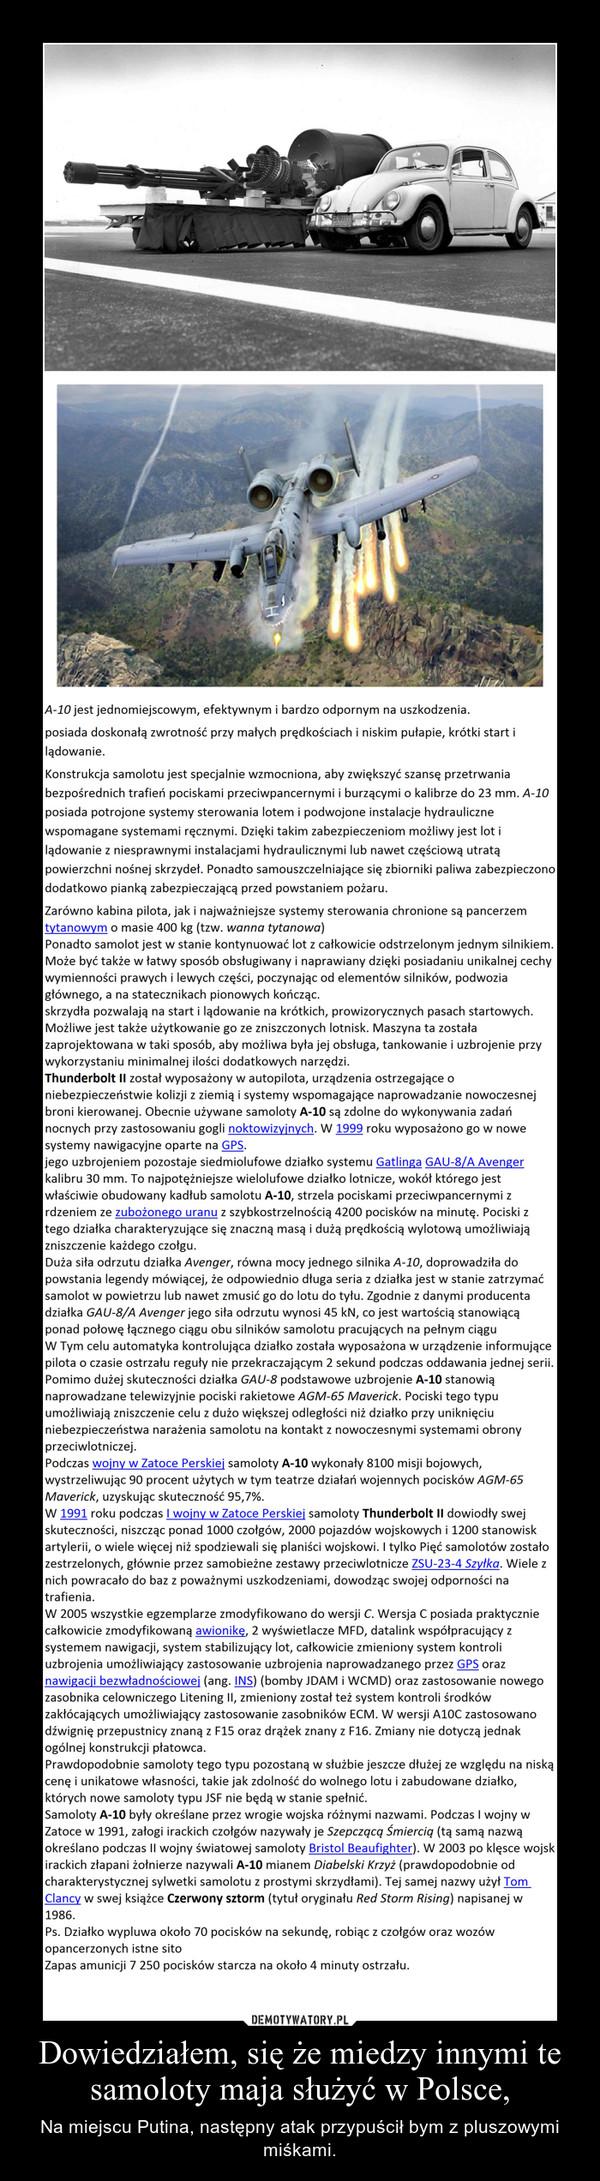 Dowiedziałem, się że miedzy innymi te samoloty maja służyć w Polsce, – Na miejscu Putina, następny atak przypuścił bym z pluszowymi miśkami.